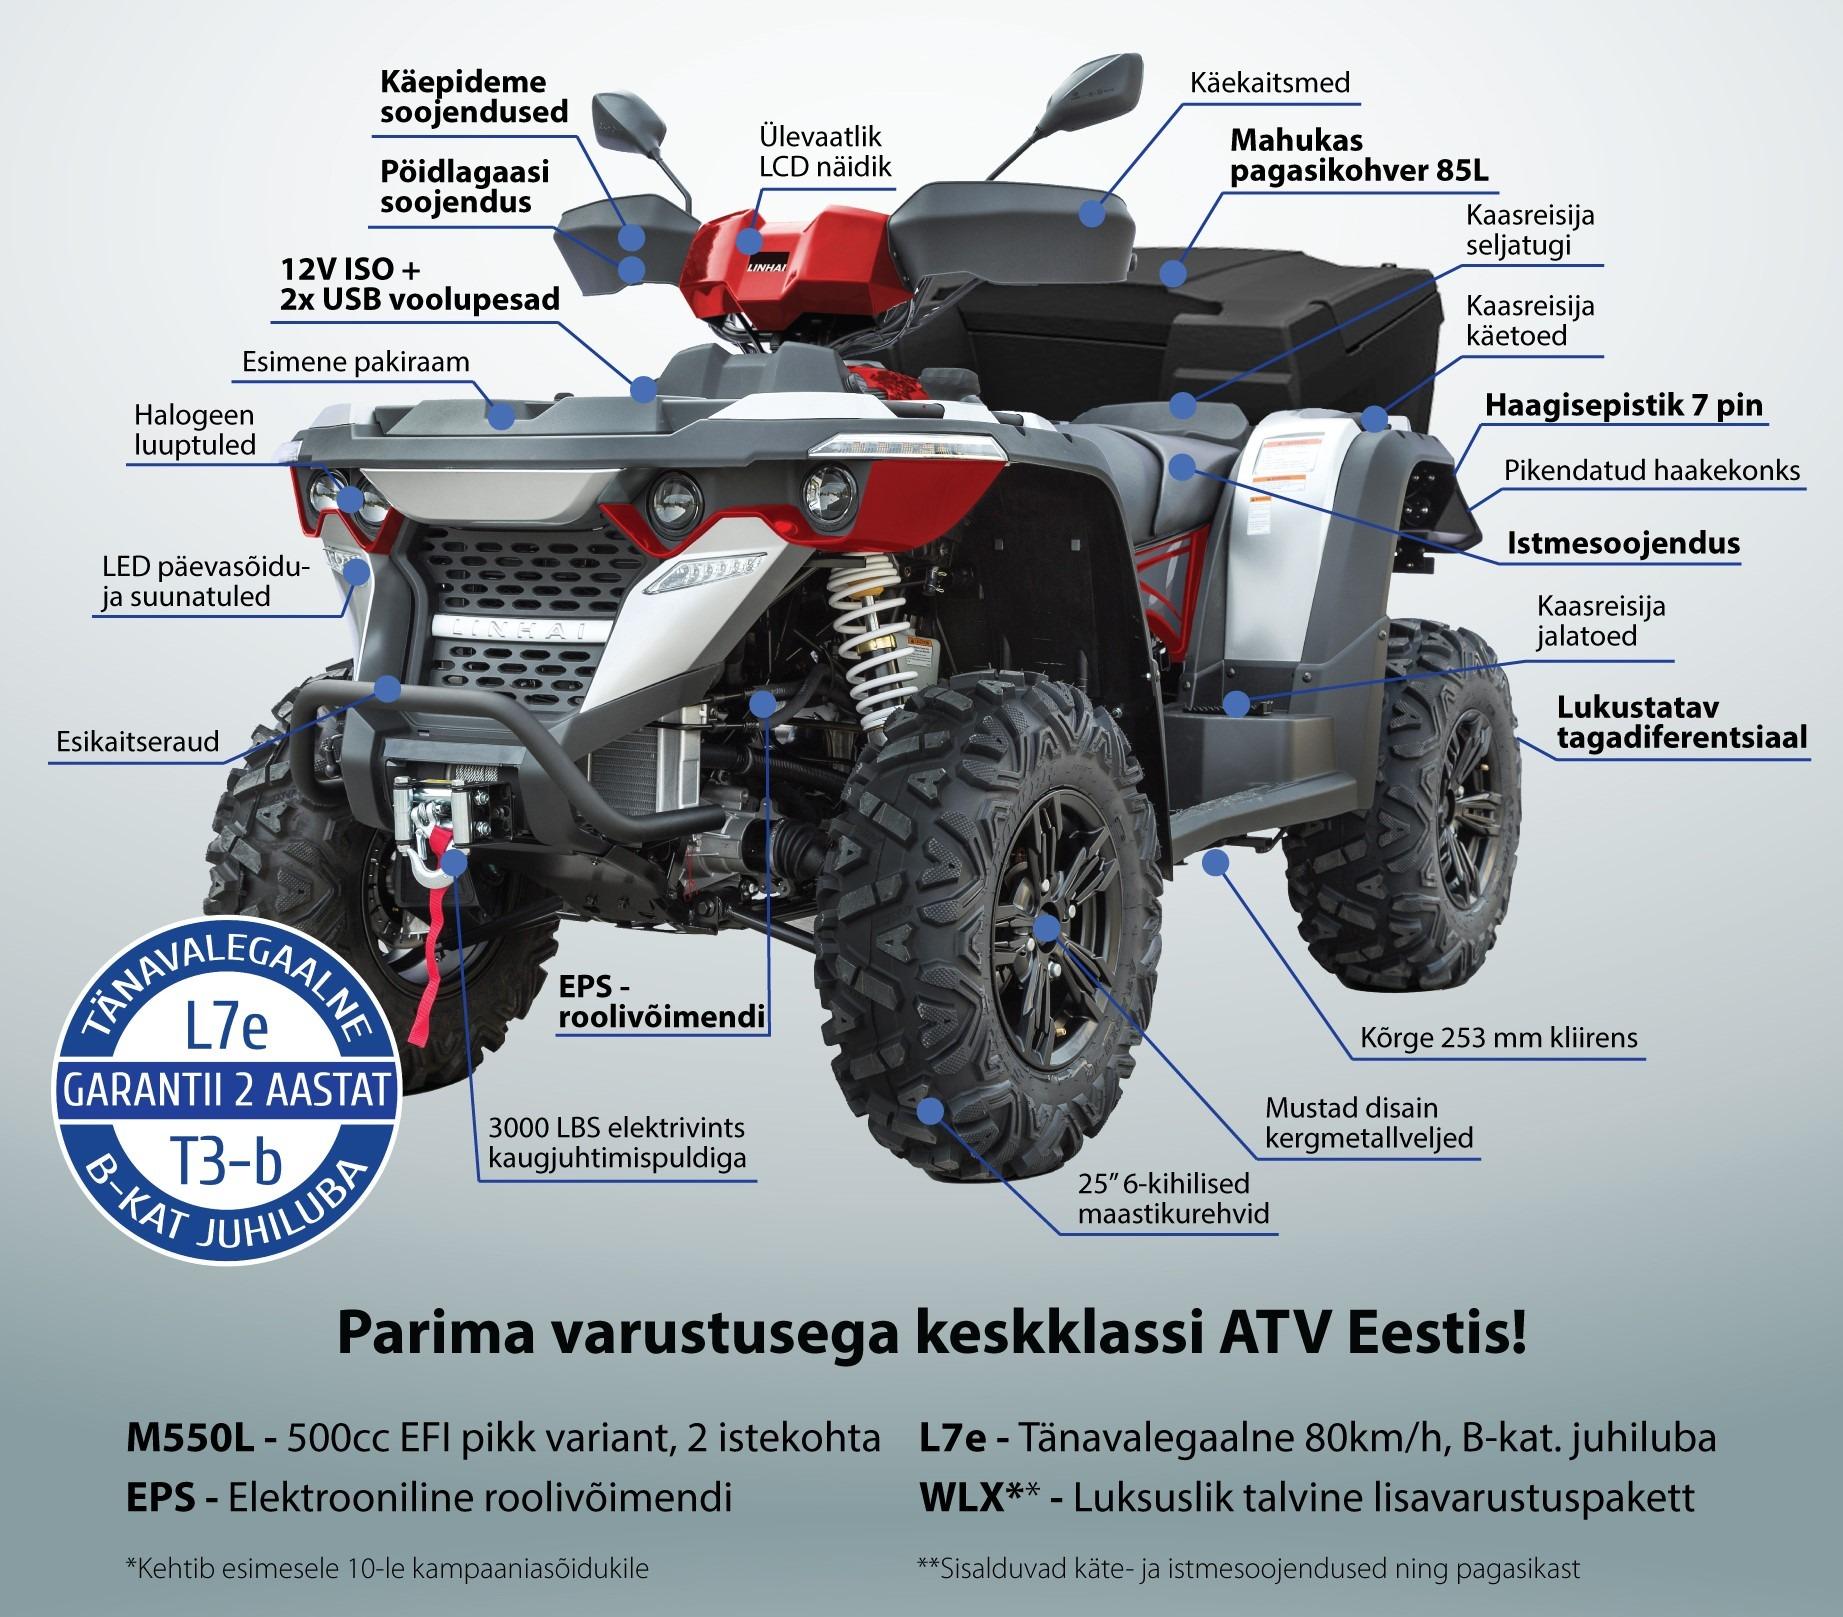 f0316e2a7c0 Kui otsid tõsist töö või vabaaja ATV-d, siis Linhai värske mudel 550L EPS  on just sinule õige valik, sest selle hinna eest saad sa rohkem, kui oled  ealeski ...